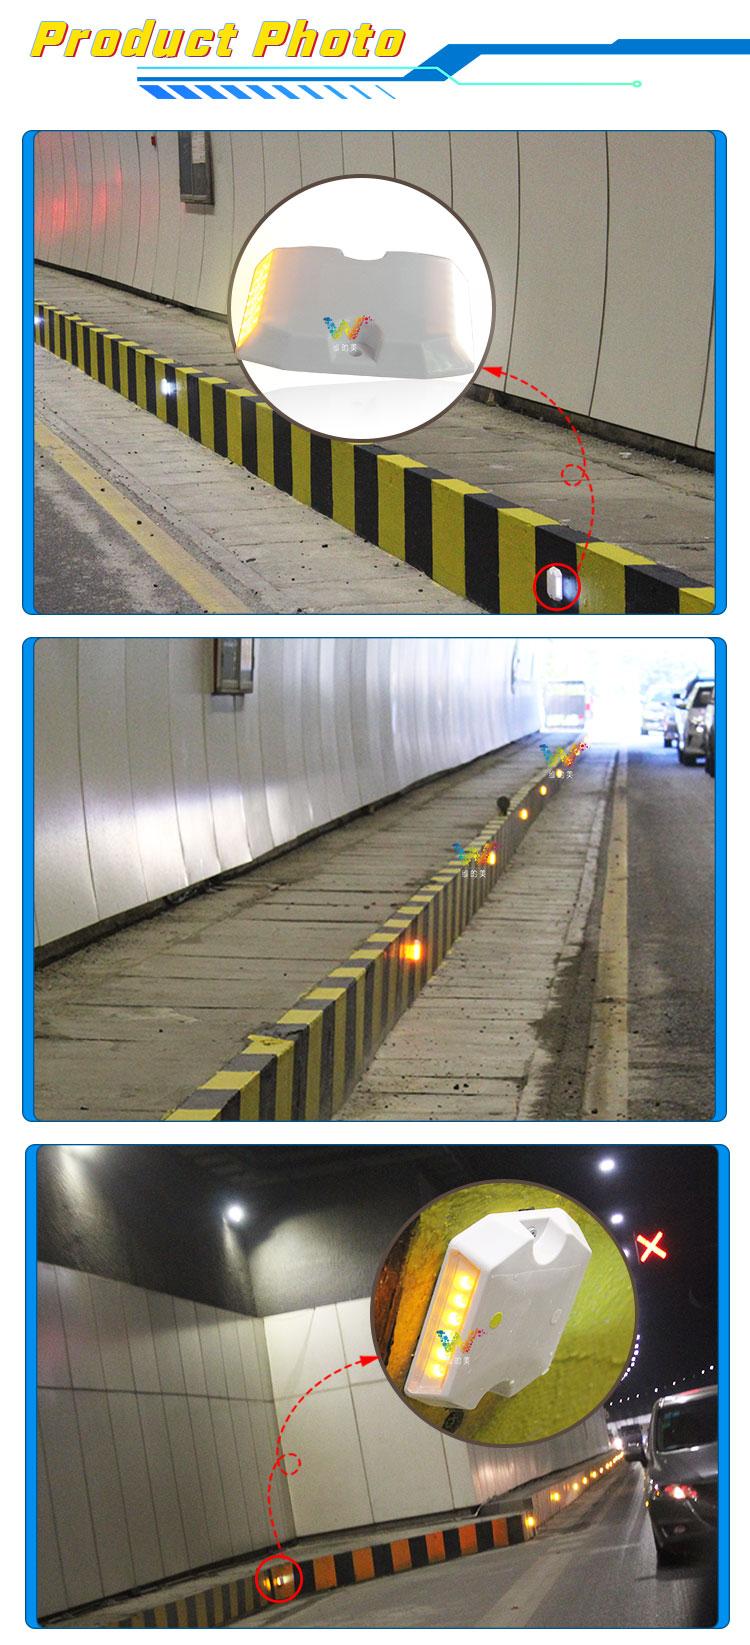 Tunnel plastic road stud-09